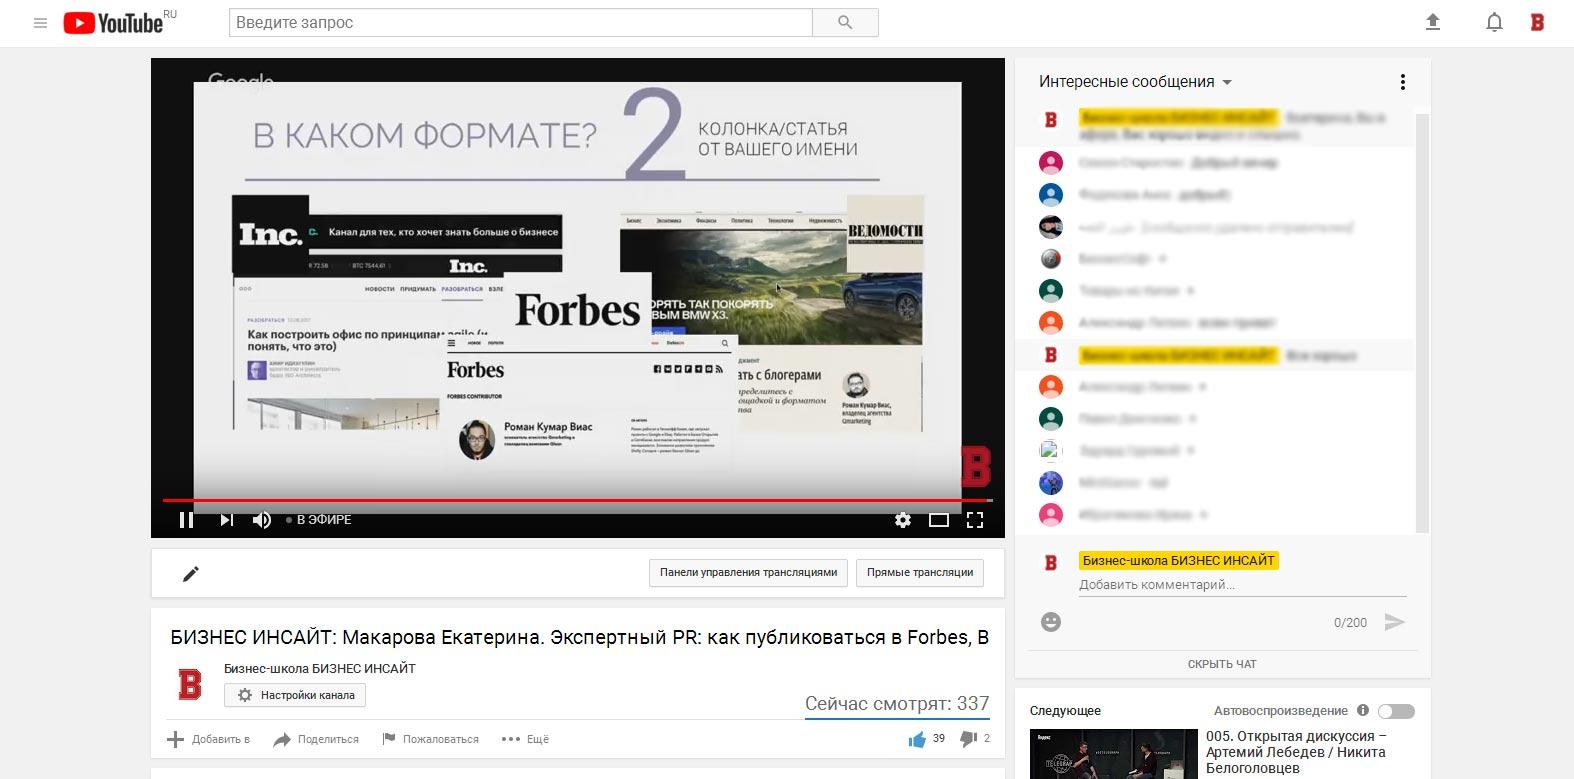 Екатерина Макарова провела открытый (бесплатный) вебинар на площадке БИЗНЕС ИНСАЙТ